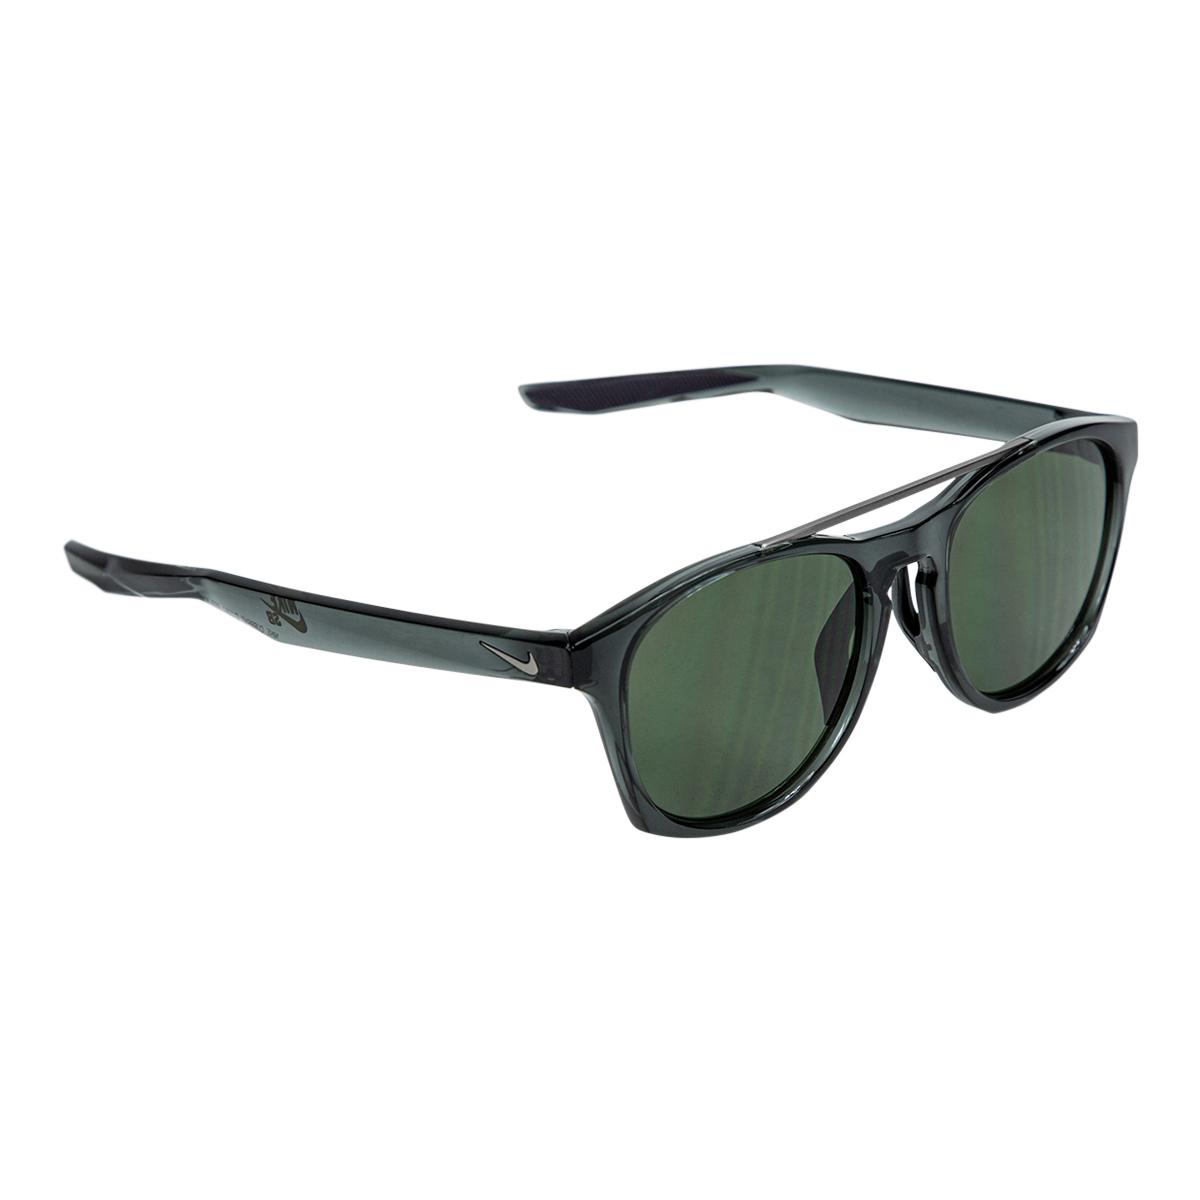 Nike-Current-EV1057-Sunglasses thumbnail 3